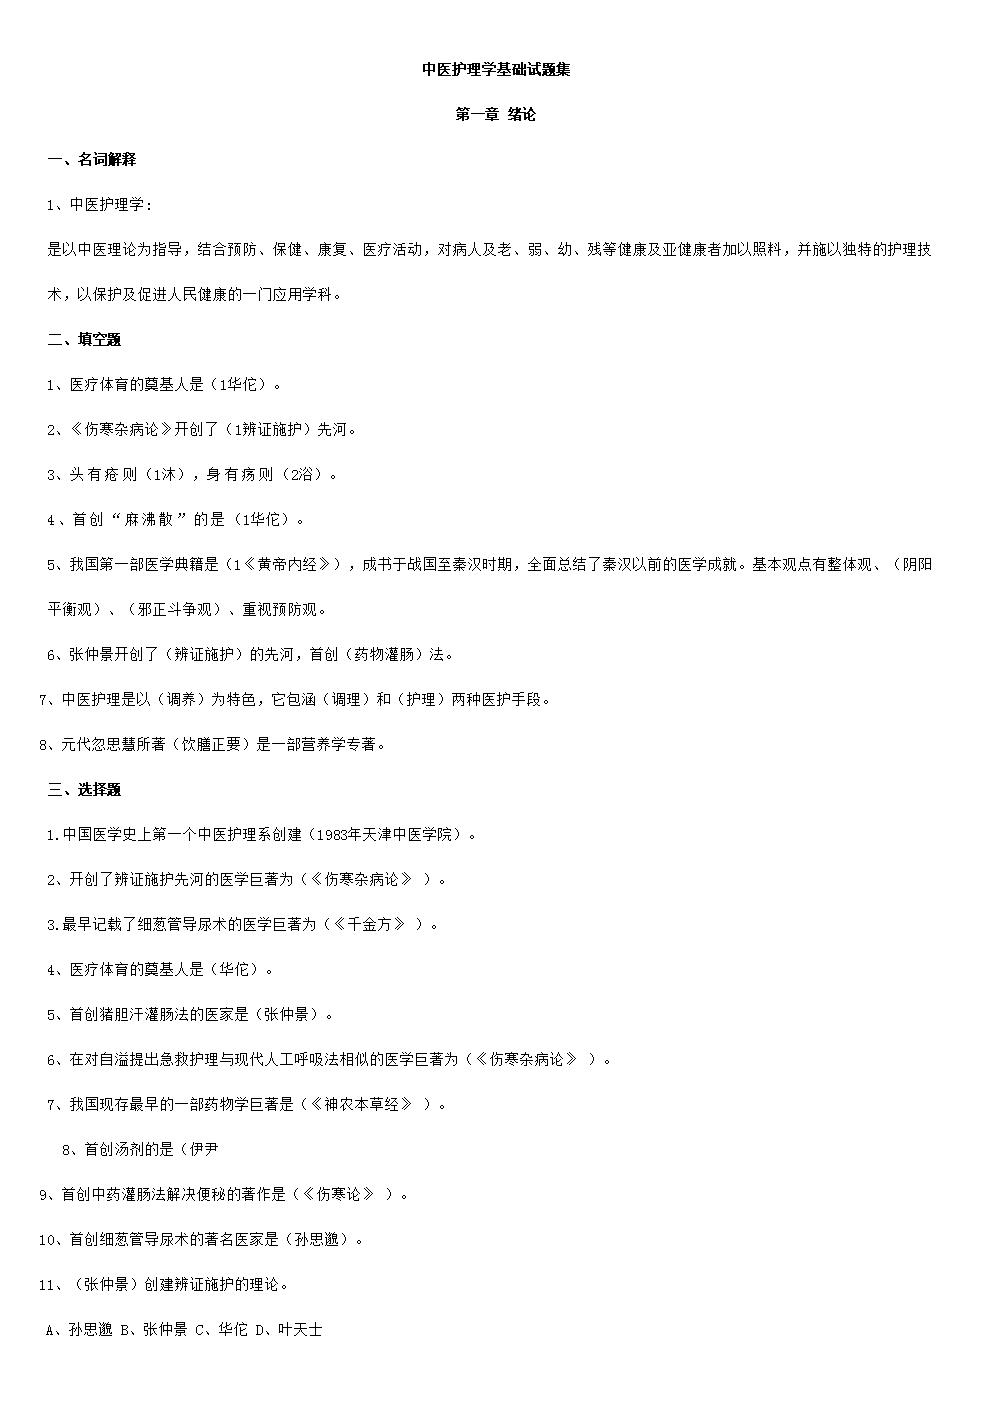 2019年中医护理学基础试题.doc